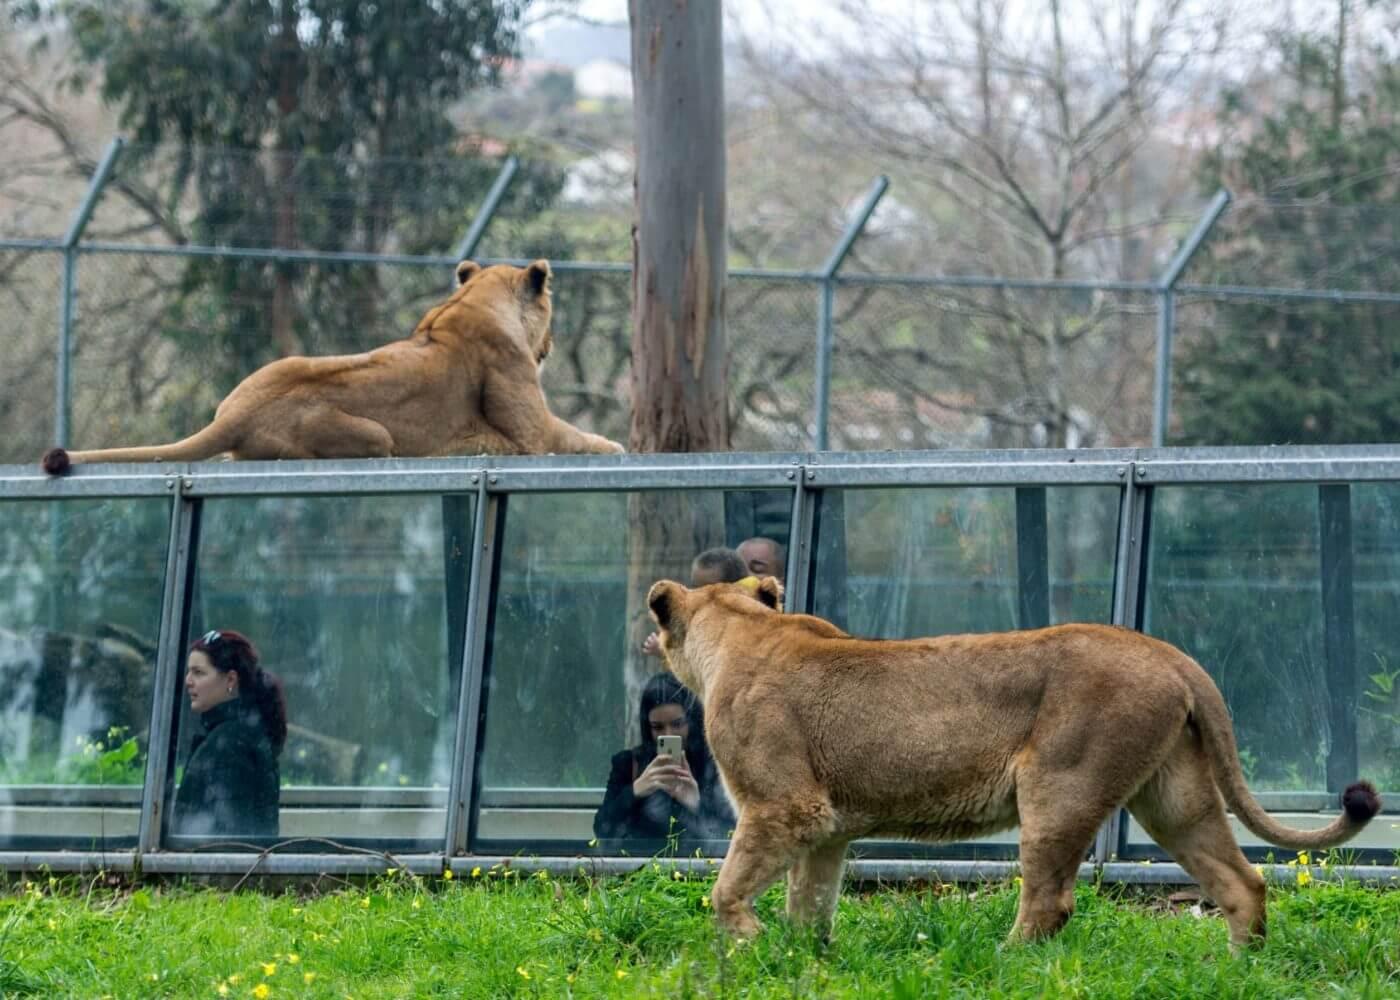 tunel-leoes-zoo-de-santo-inacio-experiencias-com-animais-em-portugal